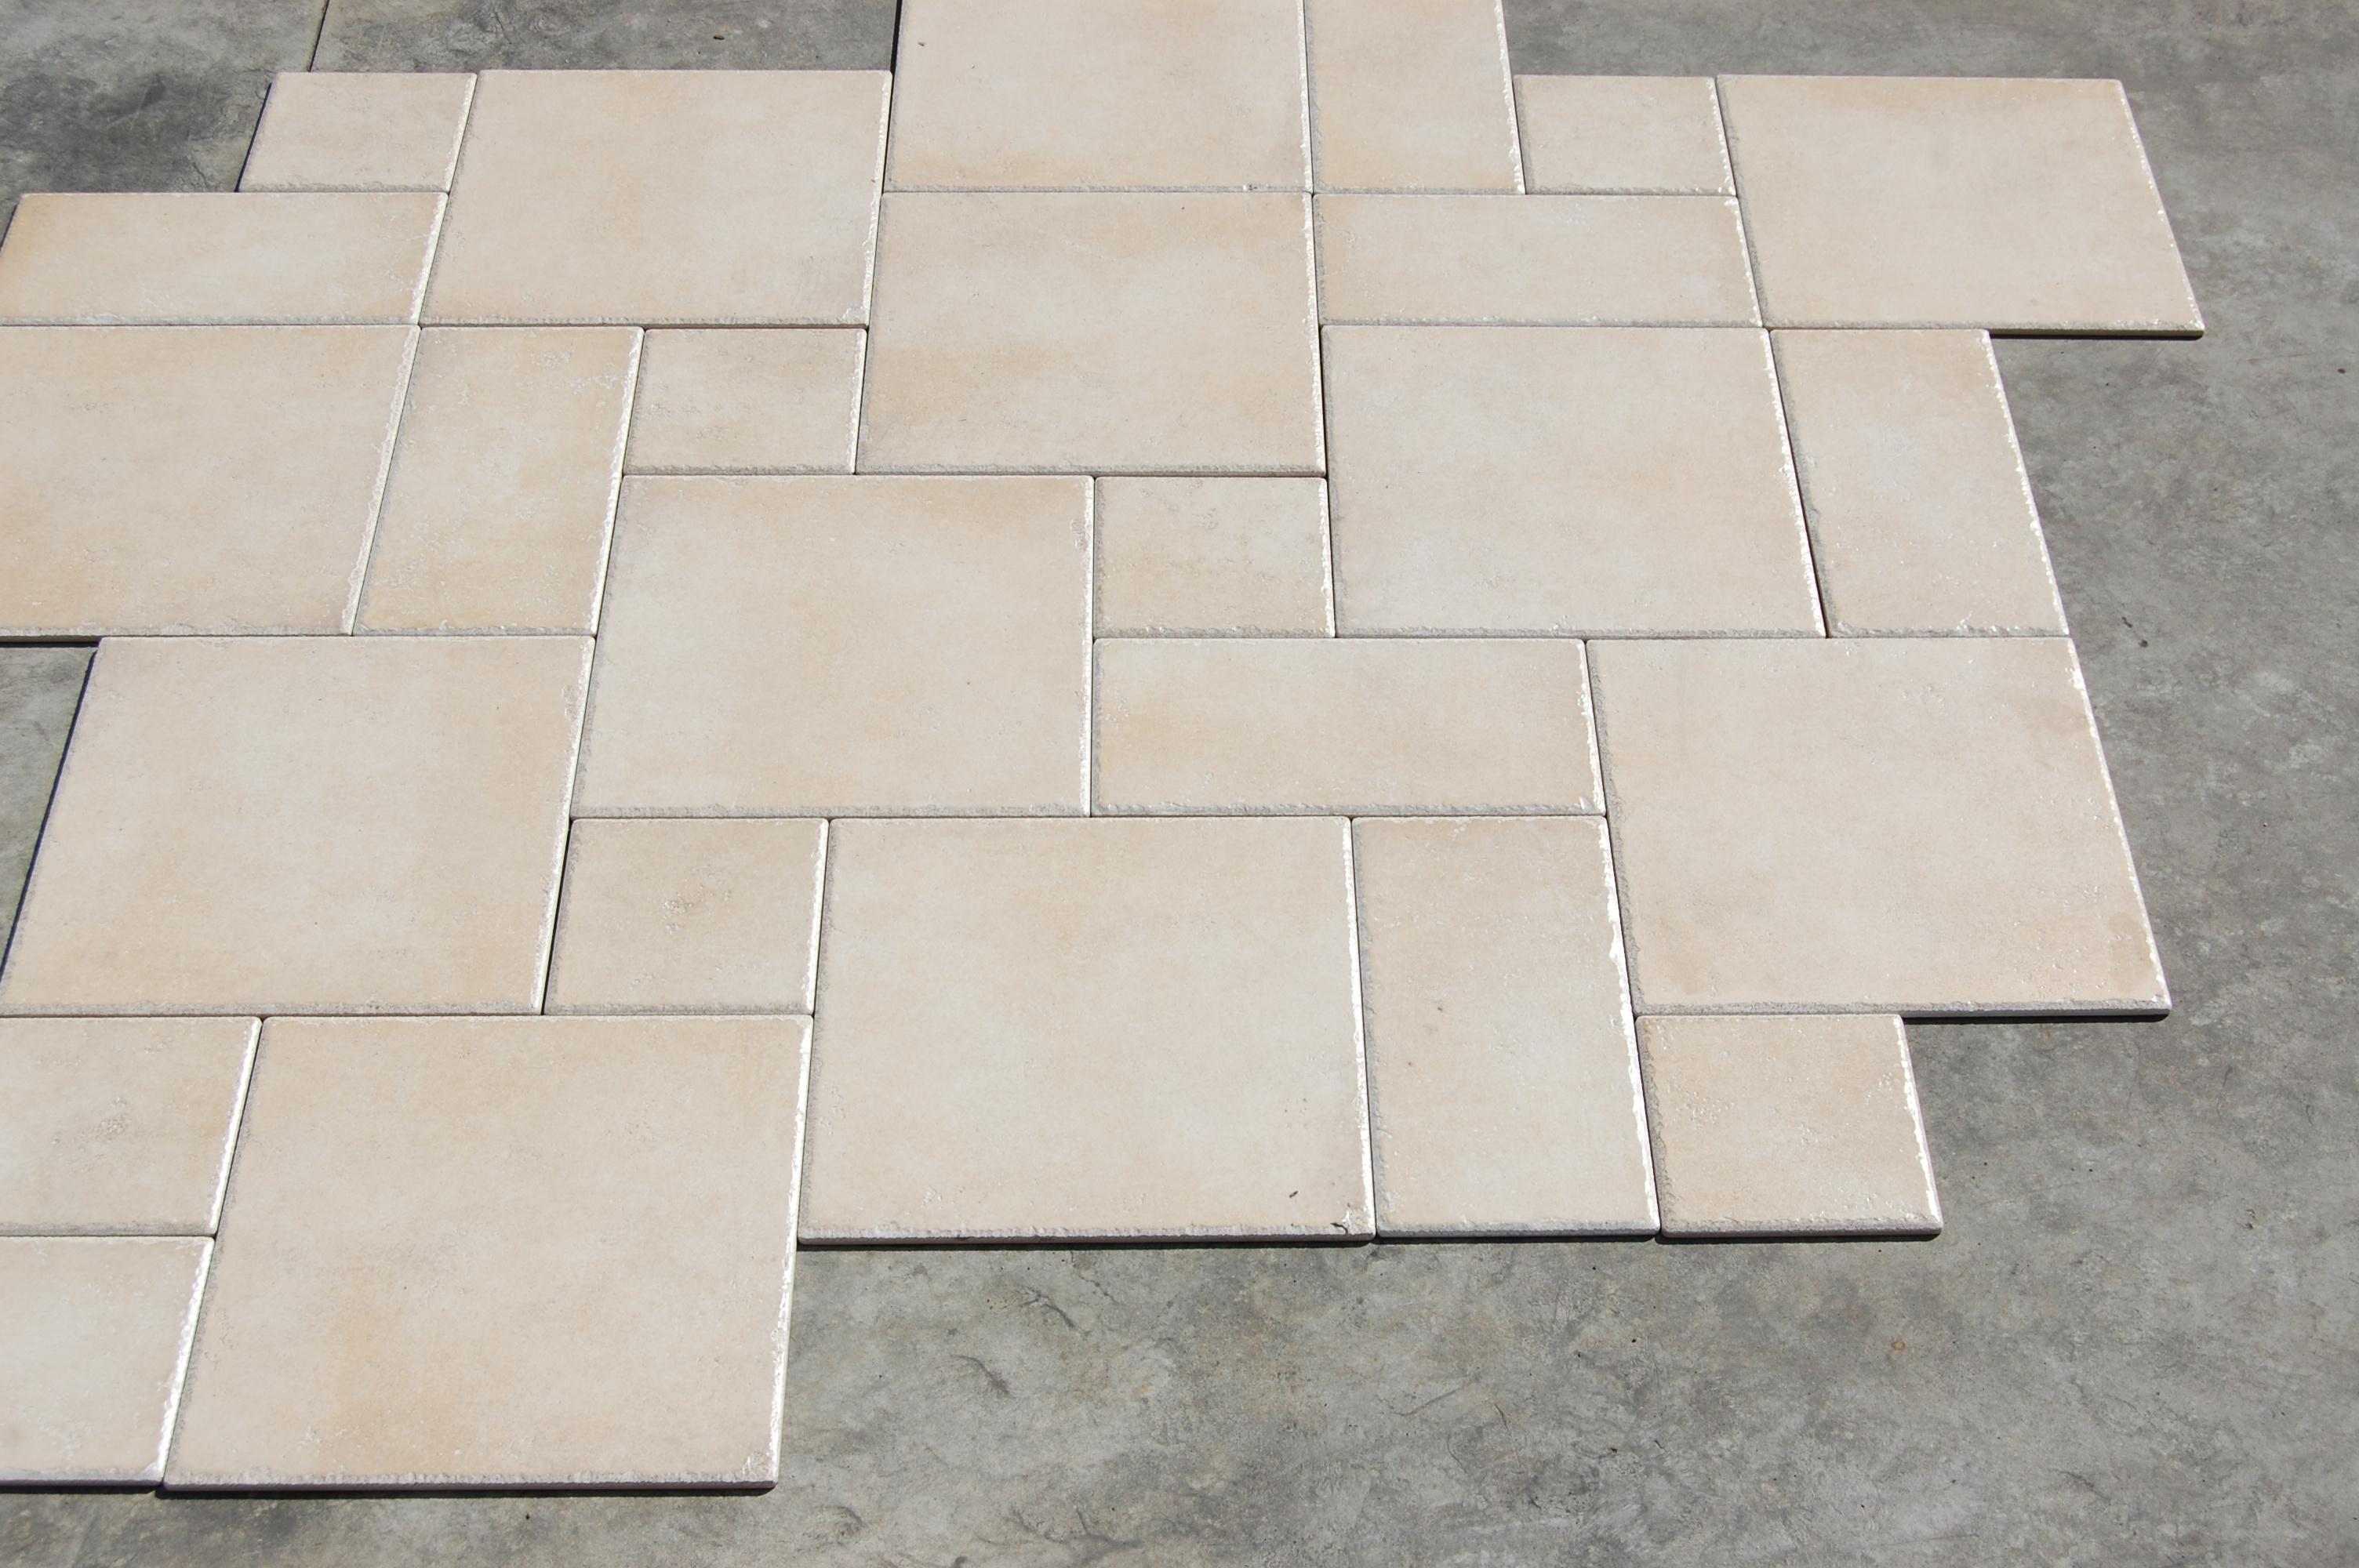 Marazzi Schemi Di Posa pavimento effetto pietra cerdomus kirah moon white nei formati 20x20 40x40  e 20x40